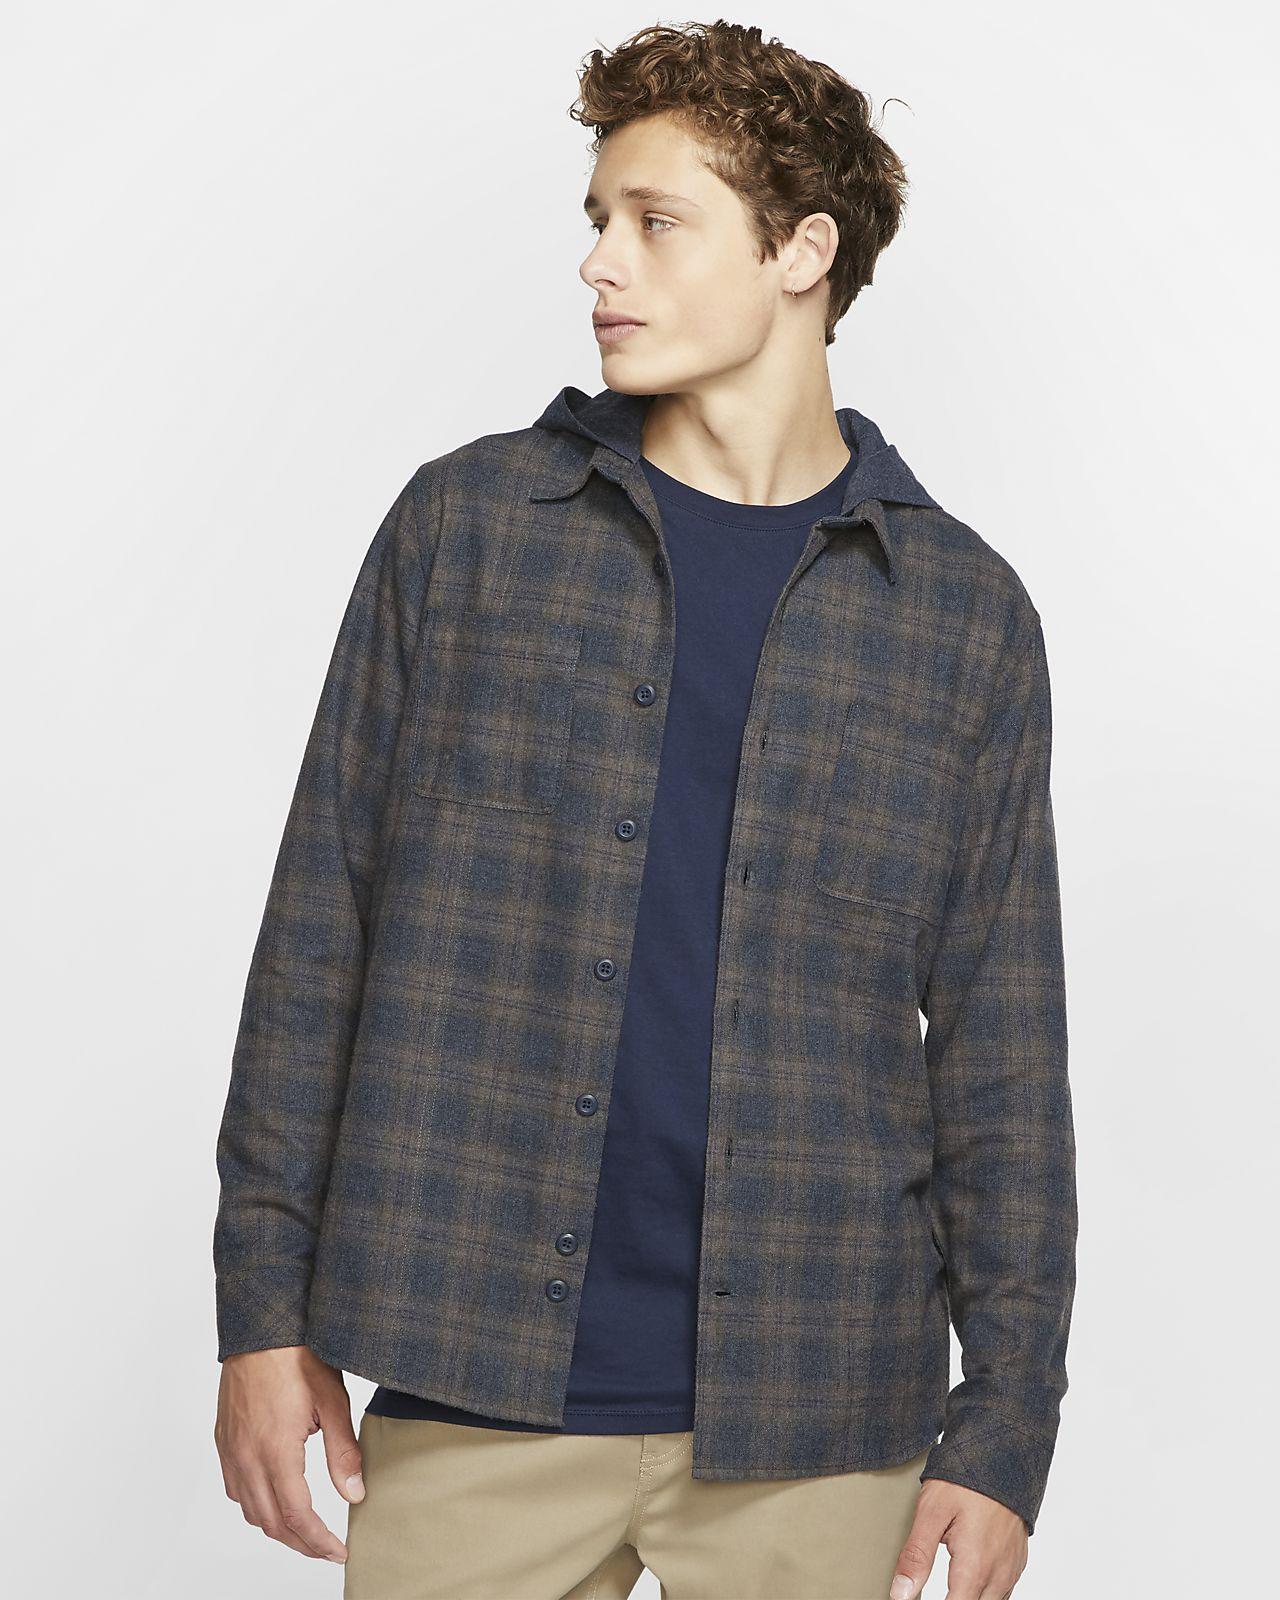 Långärmad tröja med huva Hurley Crowley Washed för män